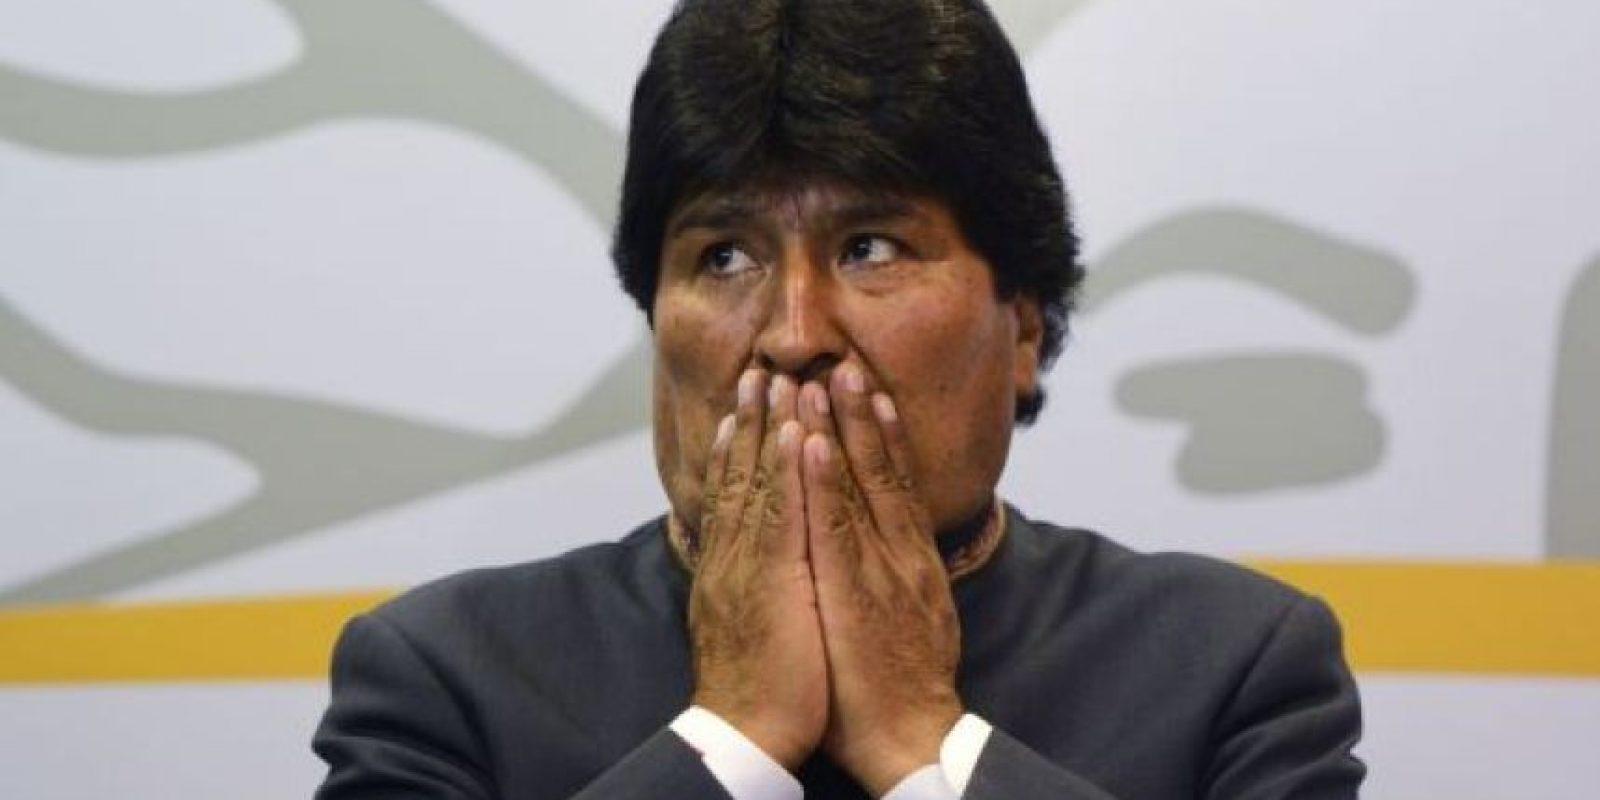 """En 2011, el periodista Alfredo Rodríguez escribió el libro """"Evadas: cien frases de Juan Evo Morales Ayma para la historia"""" en el que se recopilan sus frases menos acertadas Foto:Getty Images"""